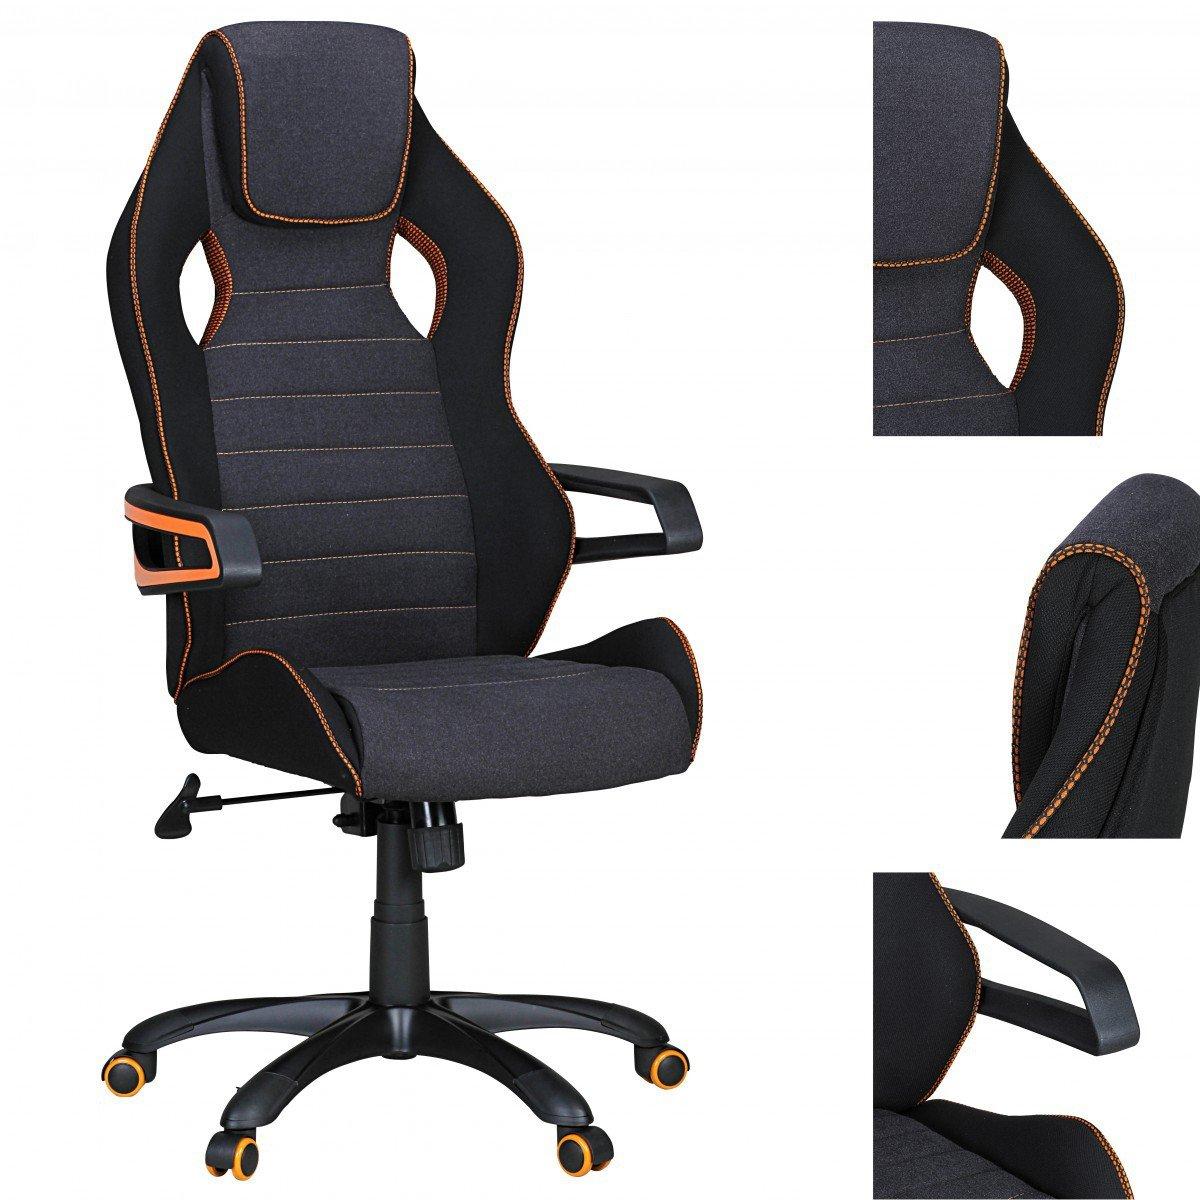 Schreibtischstuhl modern grau  FineBuy Bürostuhl VINO Gaming Chefsessel mit Armlehne gepolstert ...